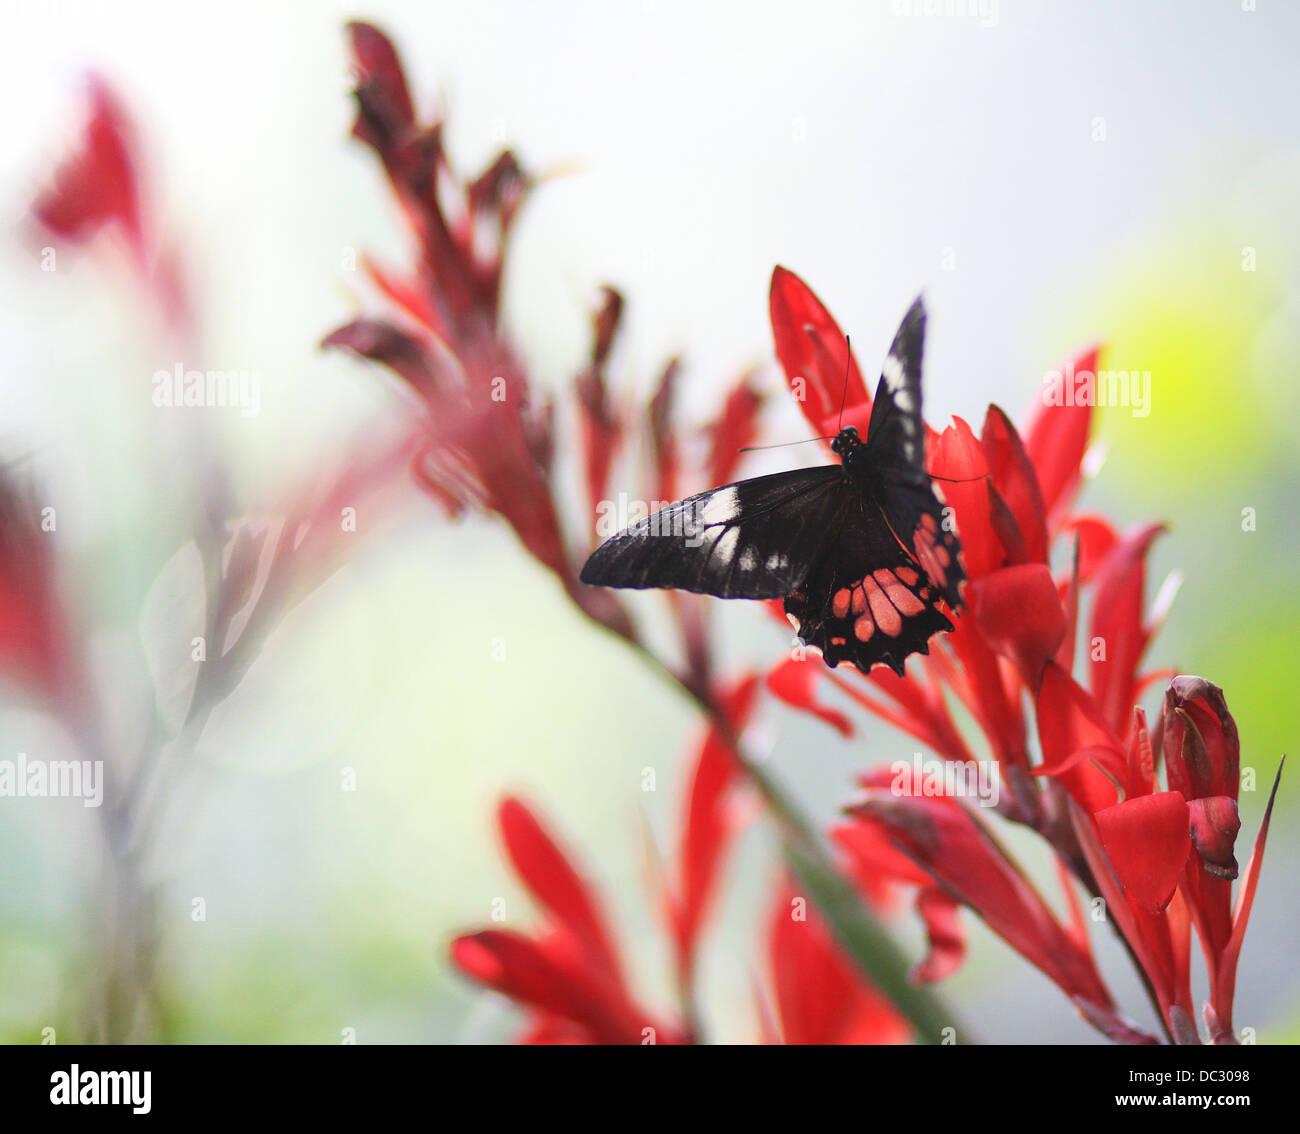 Gemeinsamen Mormone (Papilio Polytes), bilden Romulus, Weiblich, hocken auf einer Blume. Es ist eine häufige Stockbild